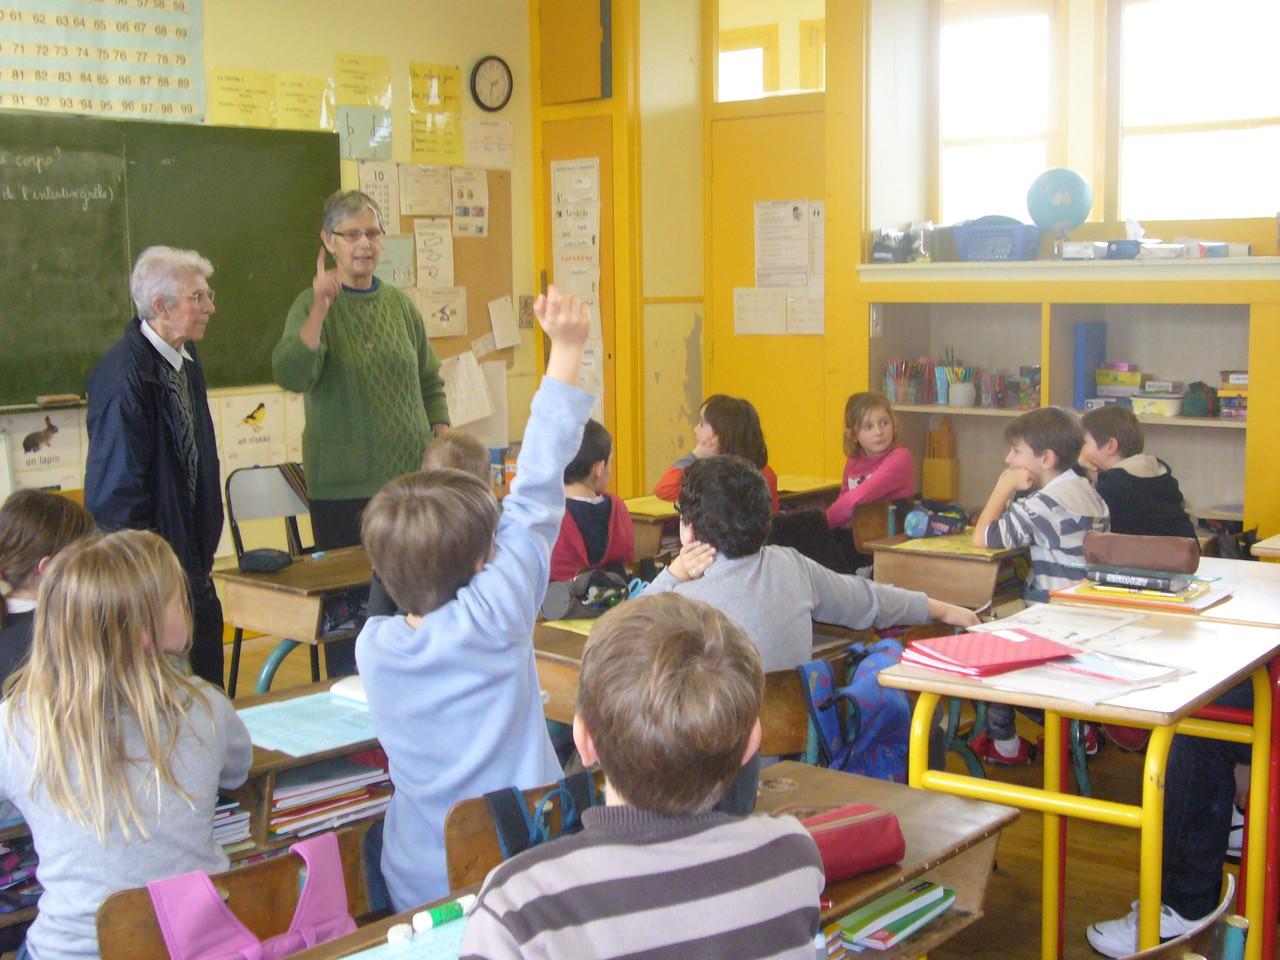 Plouaret - Les soeurs répondent aux questions des enfants de l'école St Louis